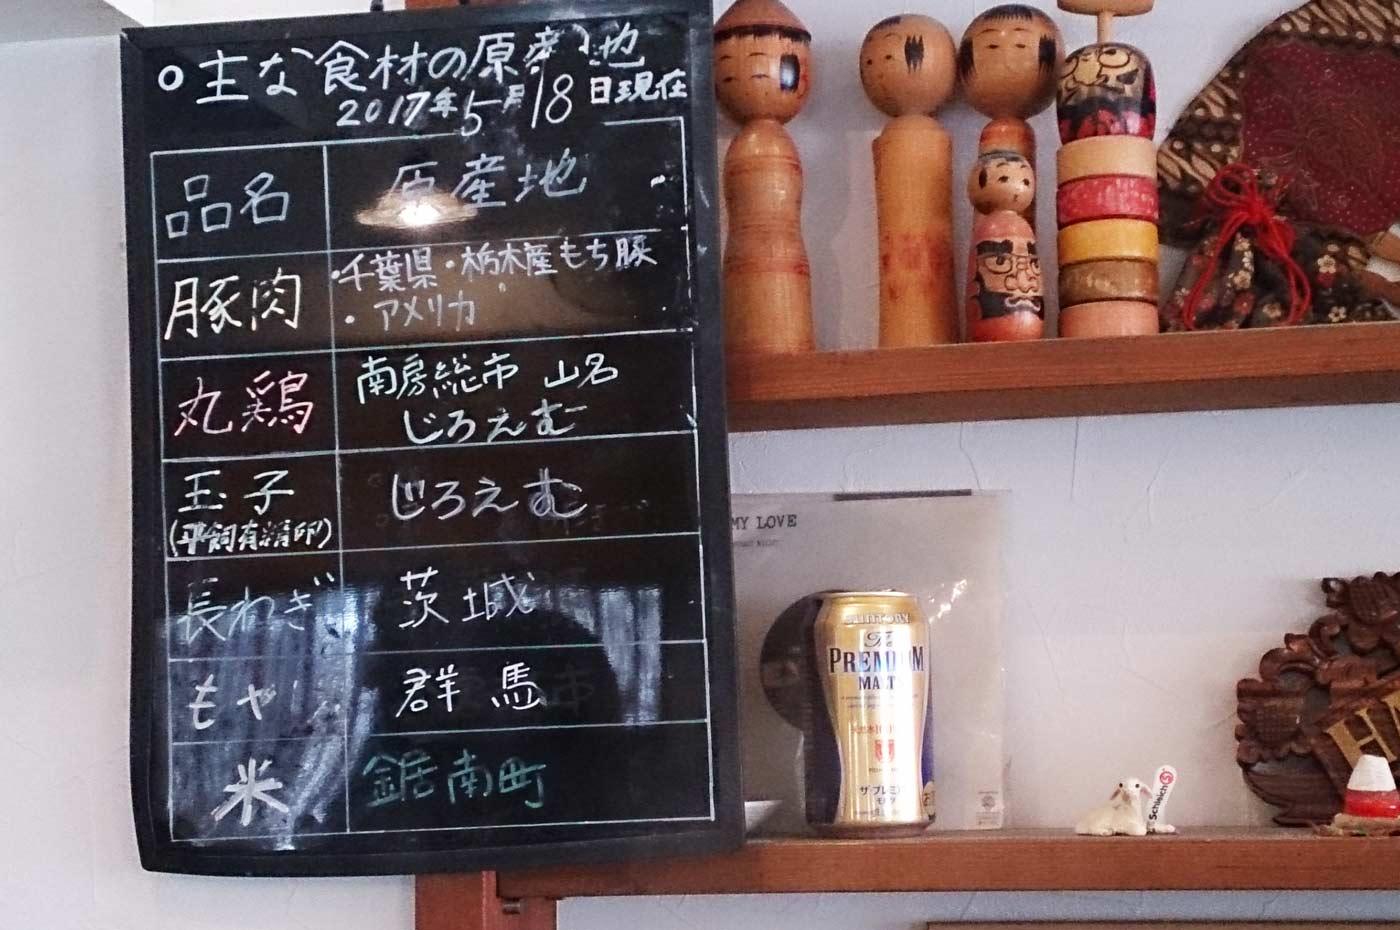 食材の産地の掲示板